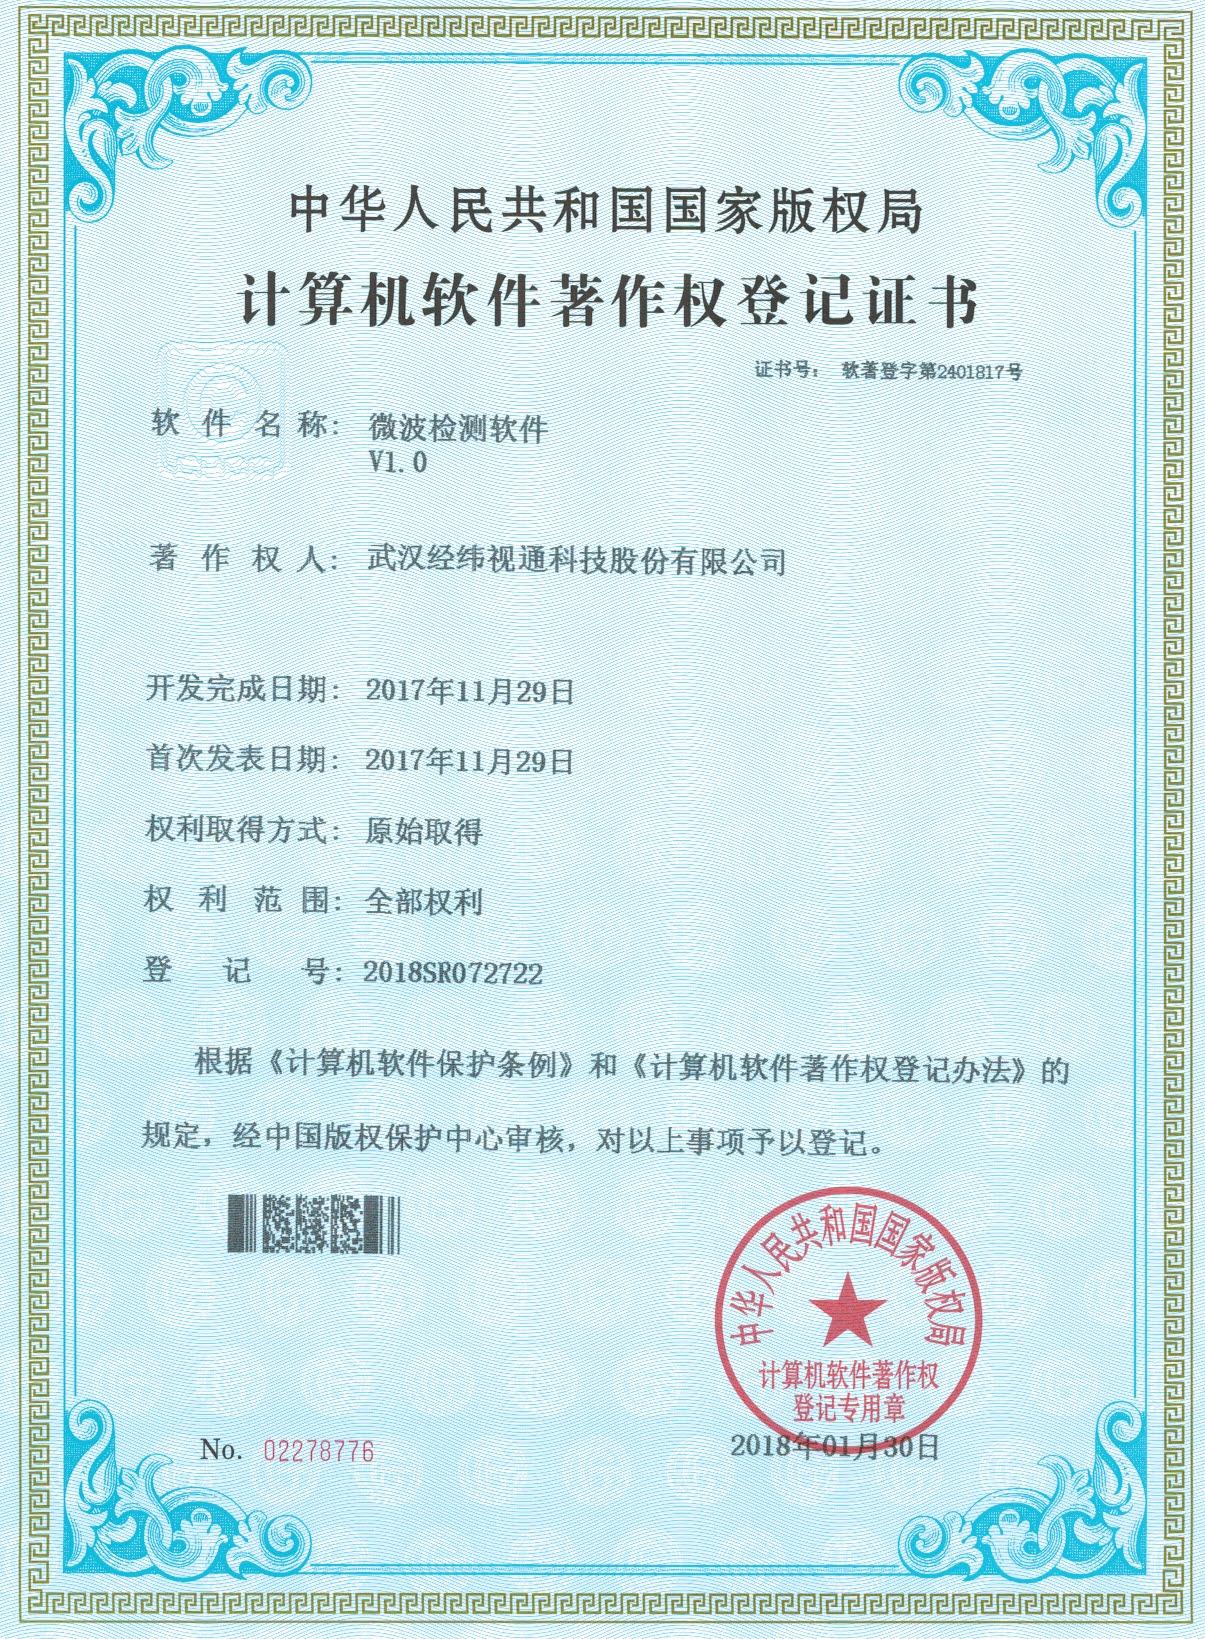 軟件著作權登記證書——微波檢測軟件v1.0